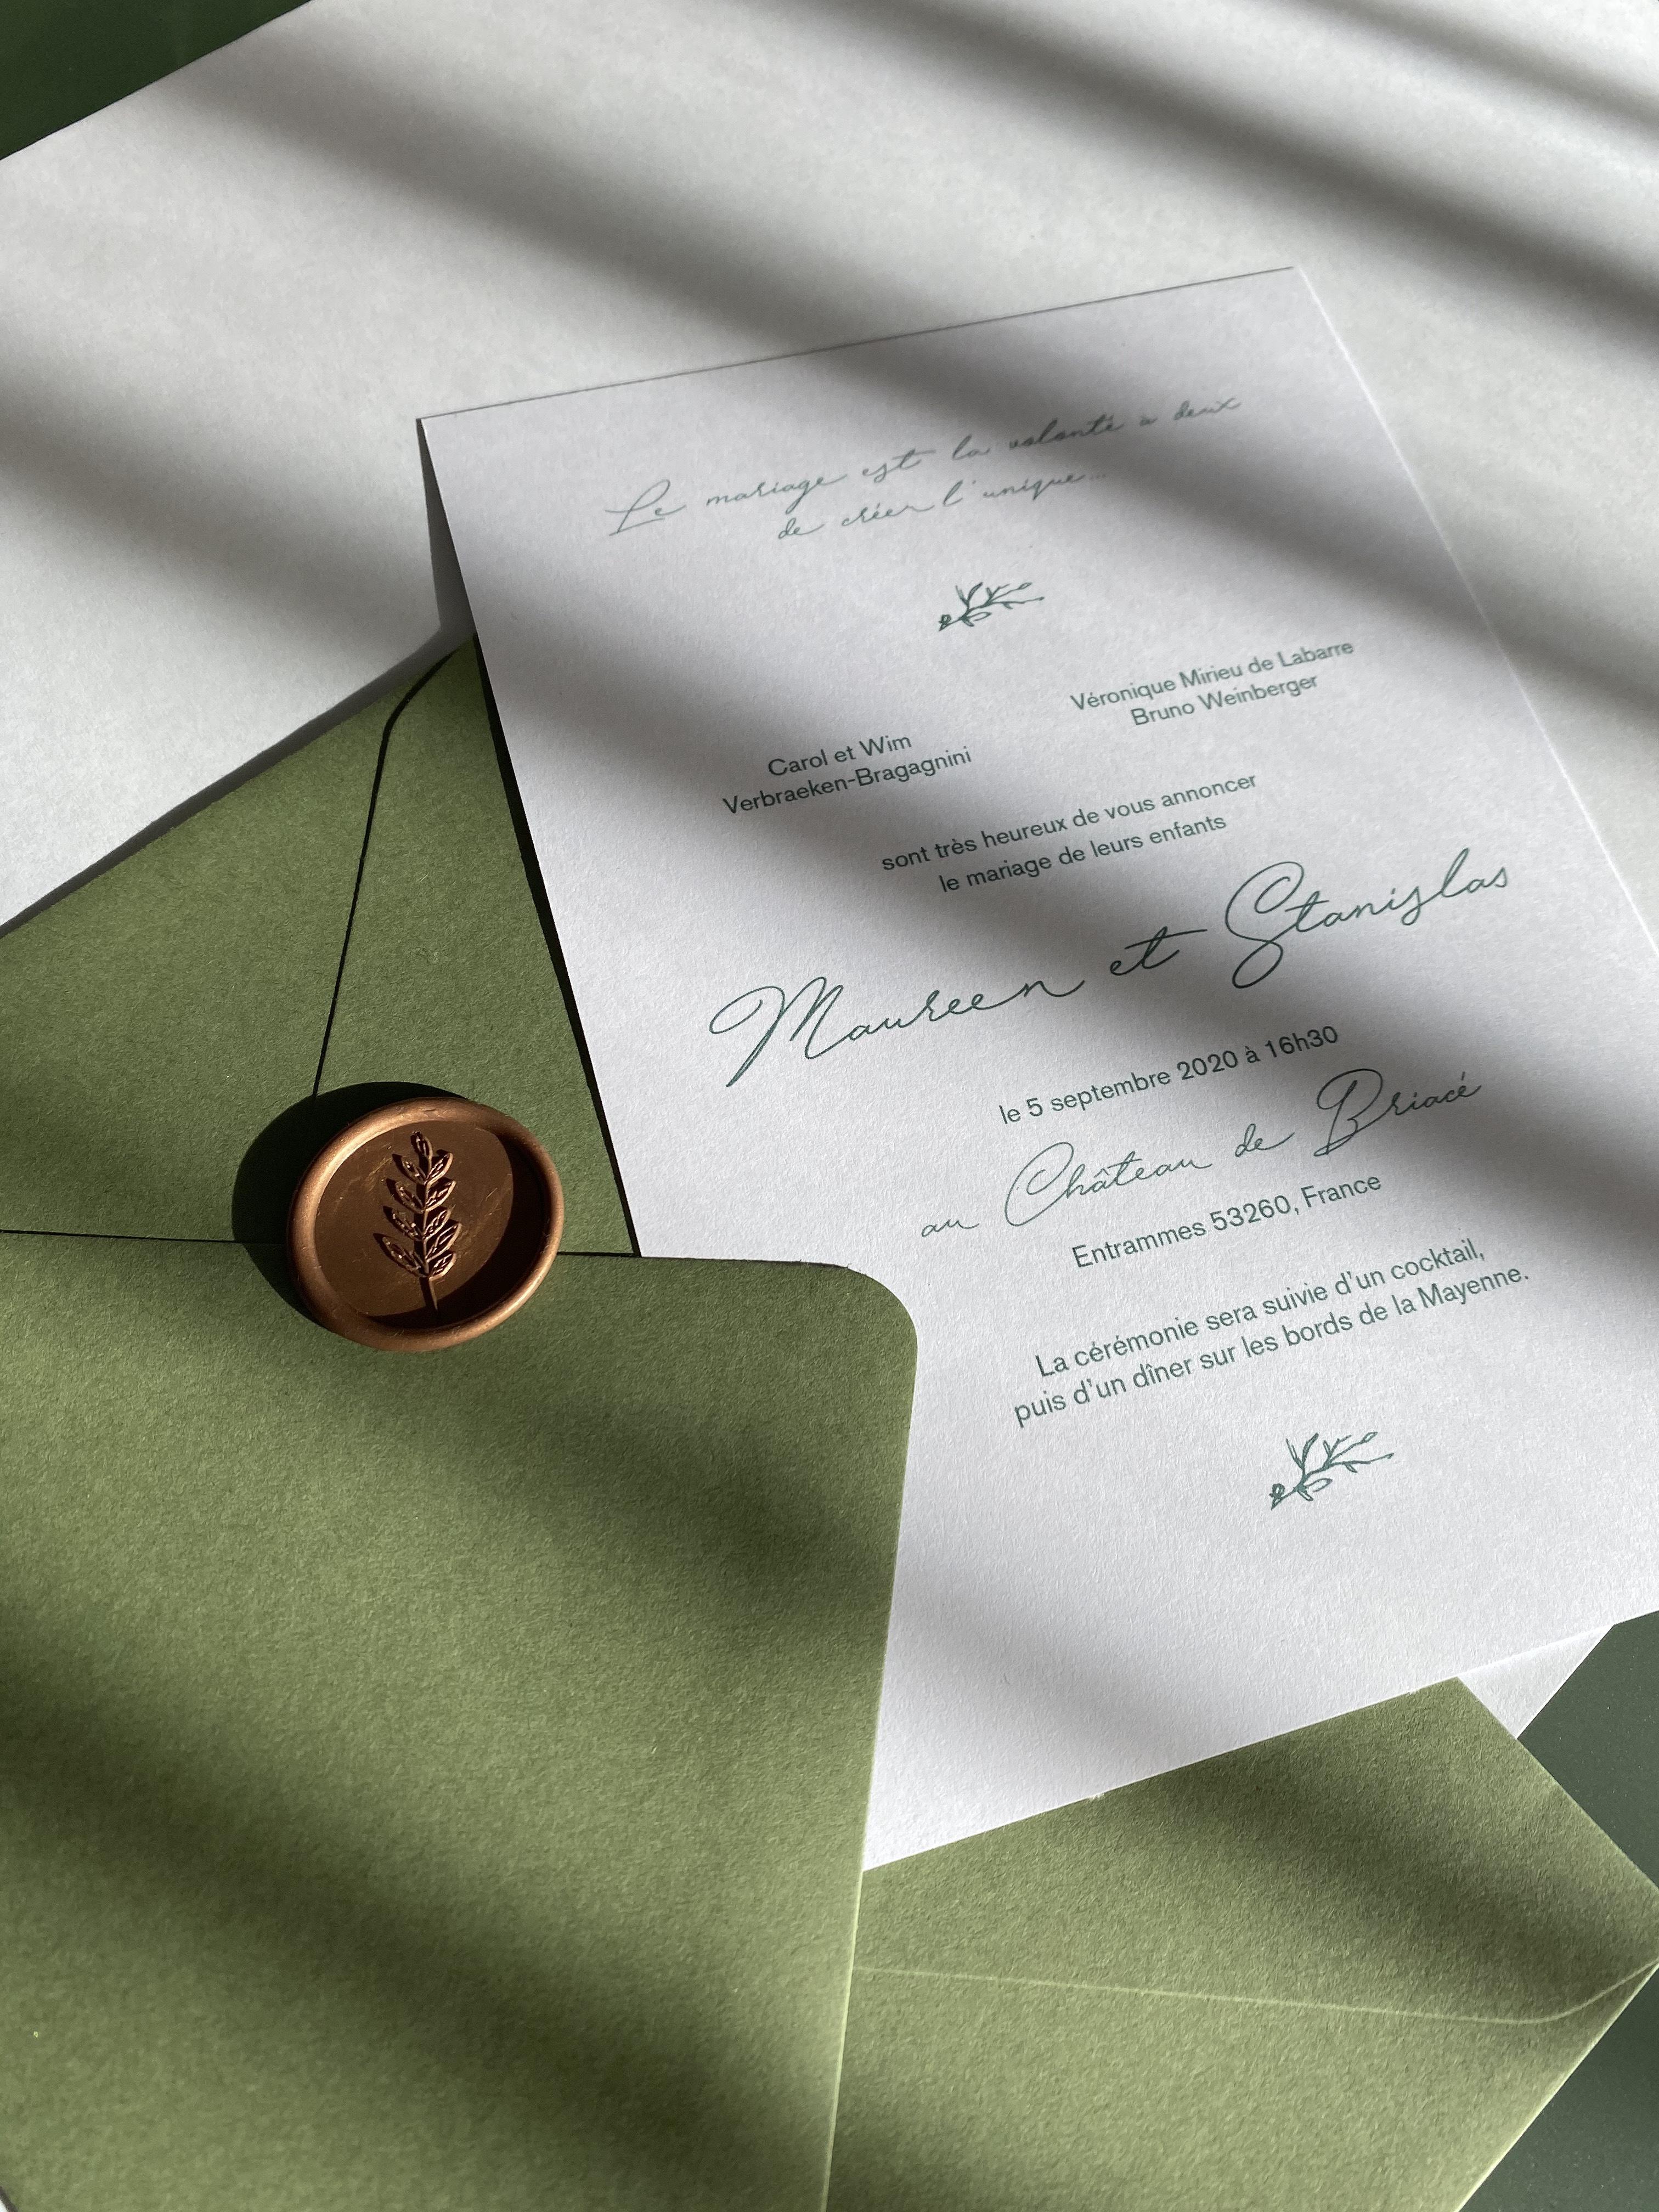 Galerie d'image - L'Atelier des petits papiers